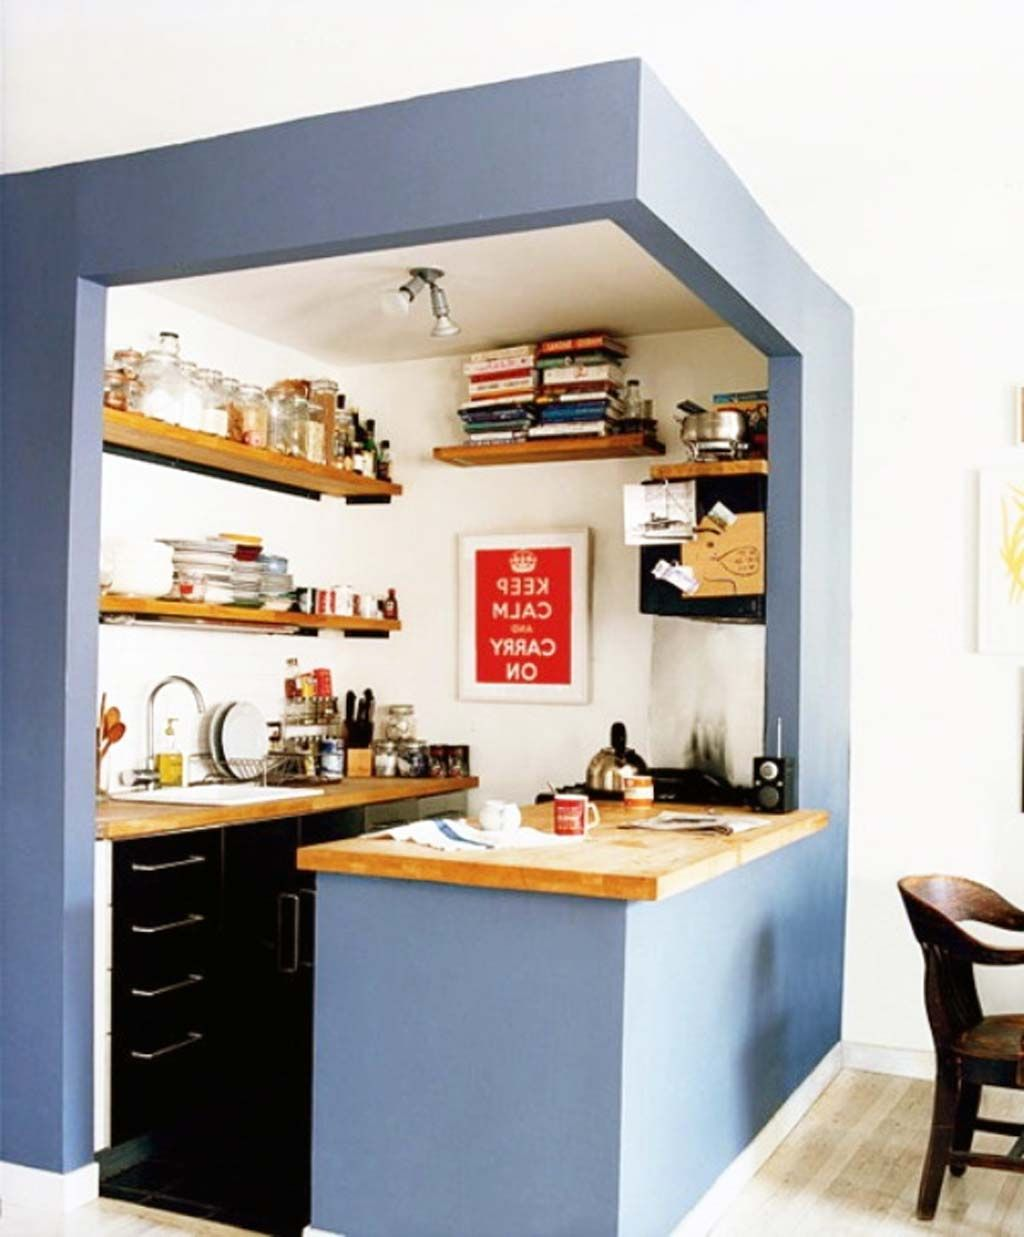 Desain Dapur Kecil Dan Cantik Check More At Http Desainrumahkita